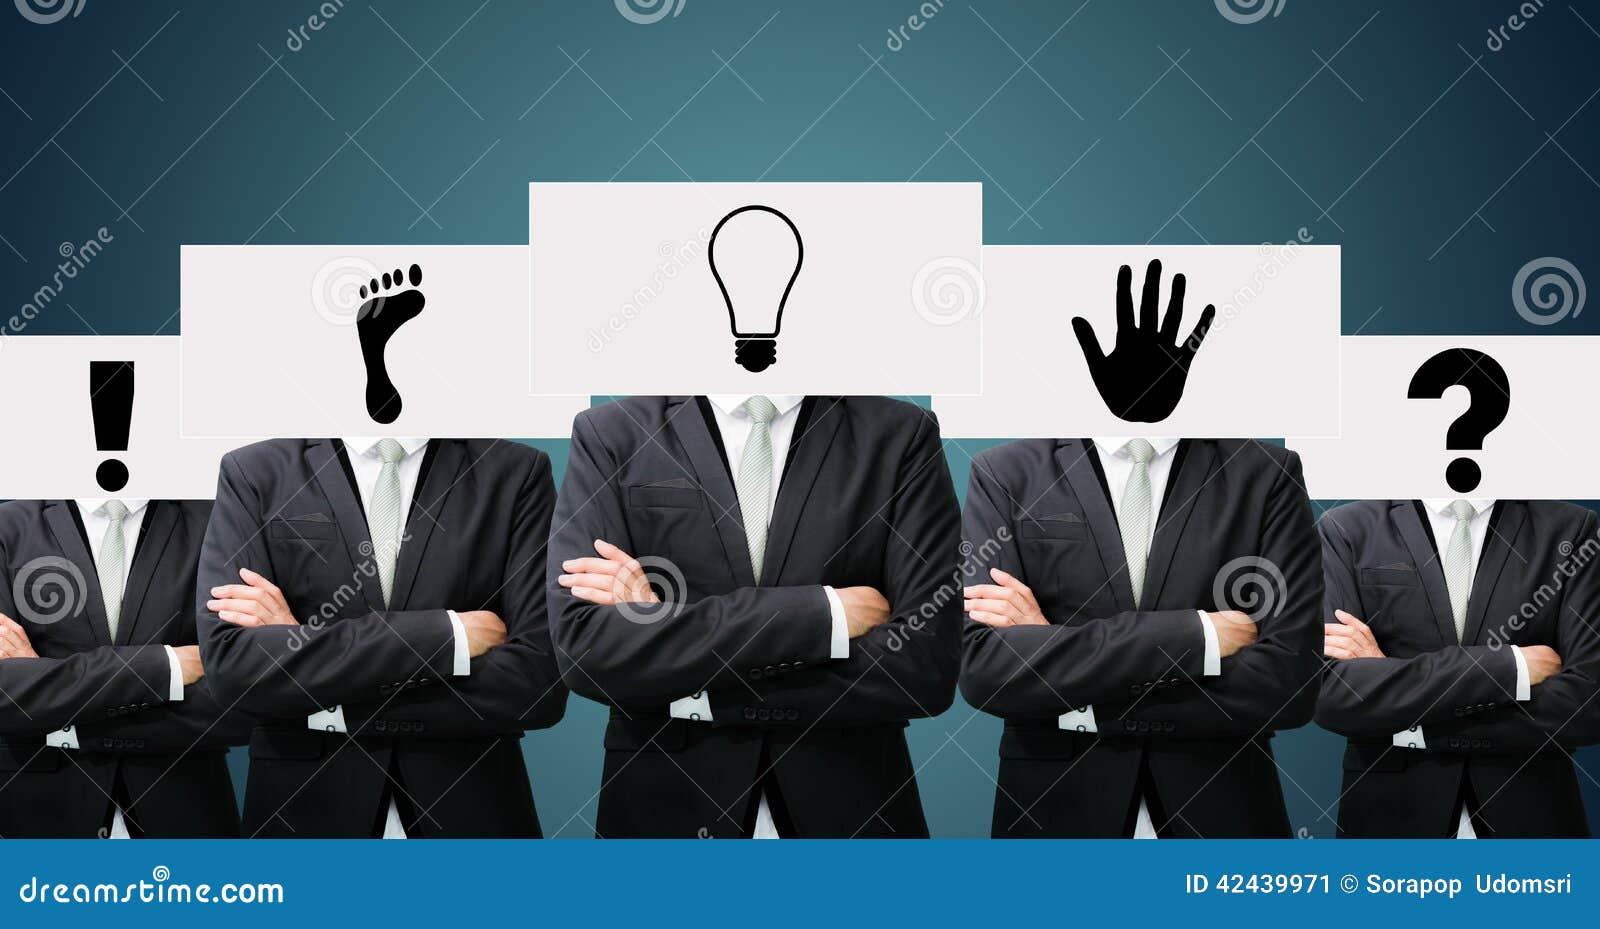 Las ideas permanentes del Libro Blanco del hombre de negocios hacen frente a llevar a cabo el frente del hea